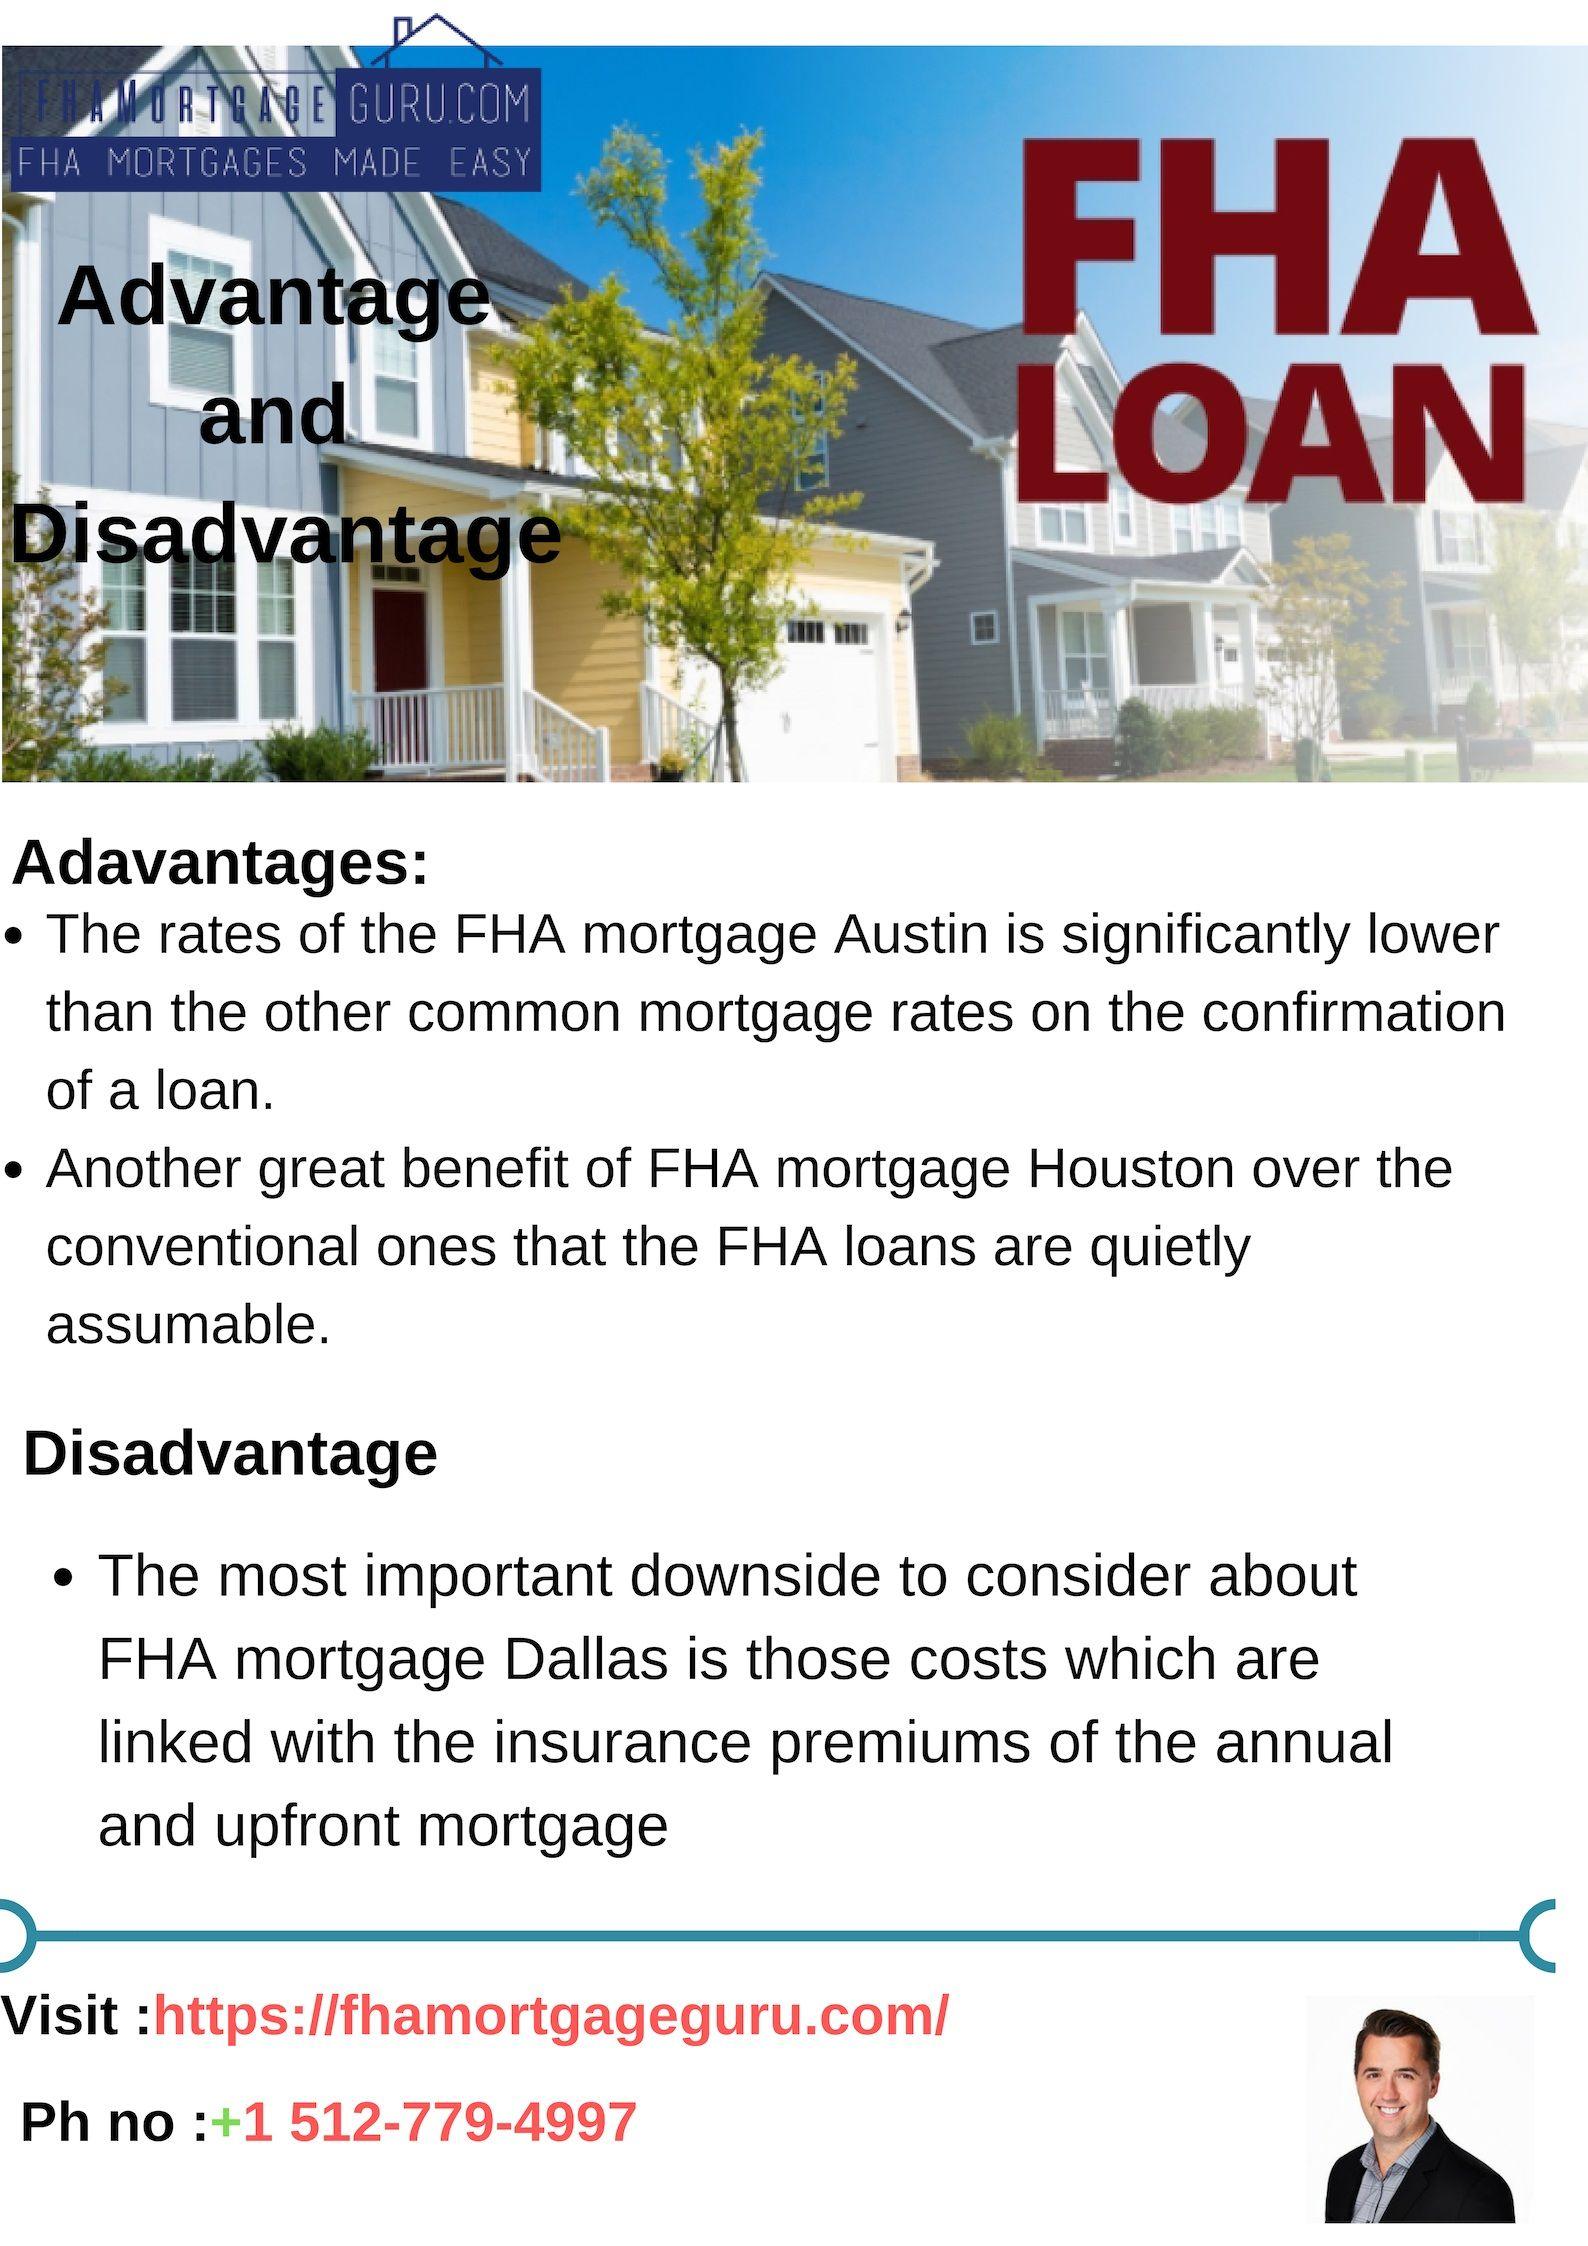 Advantage And Disadvantage Of Fha Loan Fha Mortgage Fha Loans Mortgage